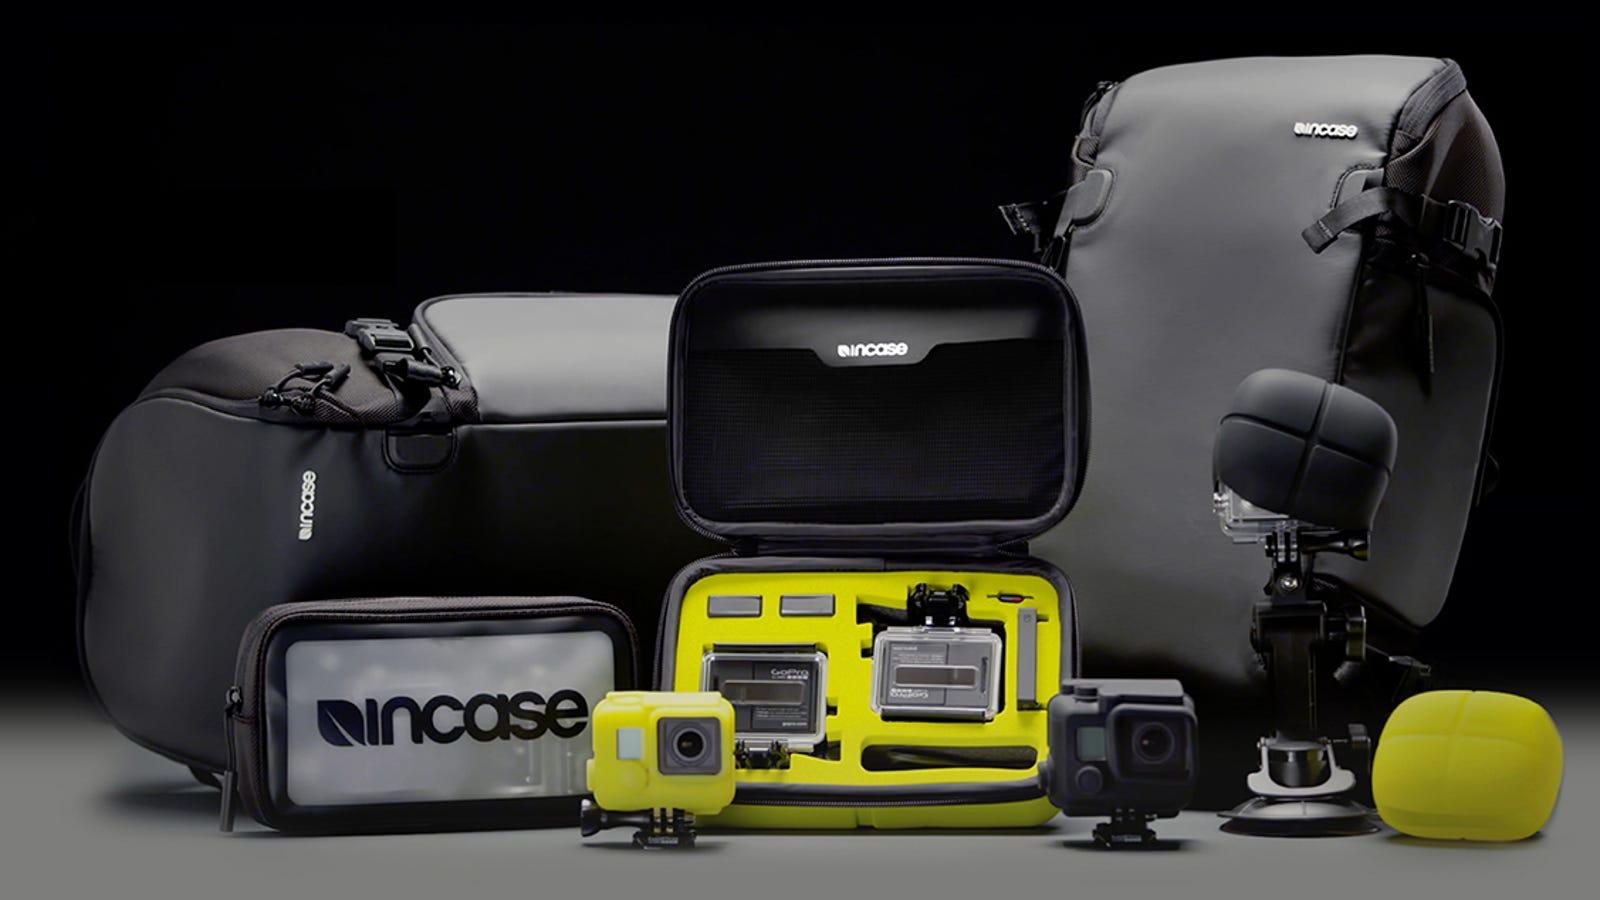 Esta es tal vez la colección más completa de accesorios para tu GoPro